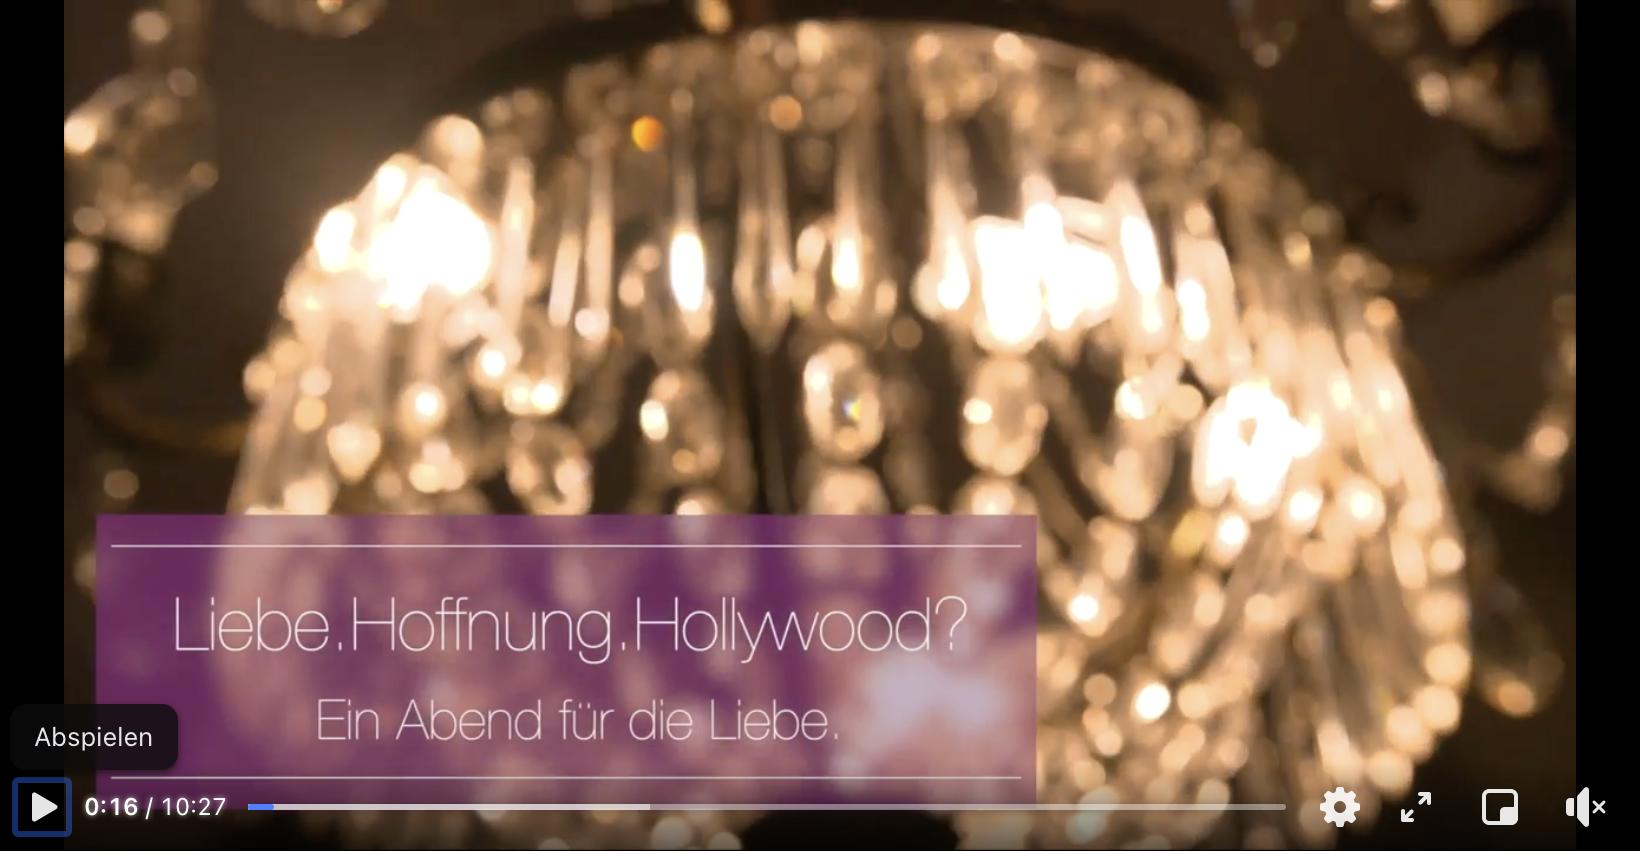 Liebe.Hoffnung.Hollywood bei Facebook anschauen